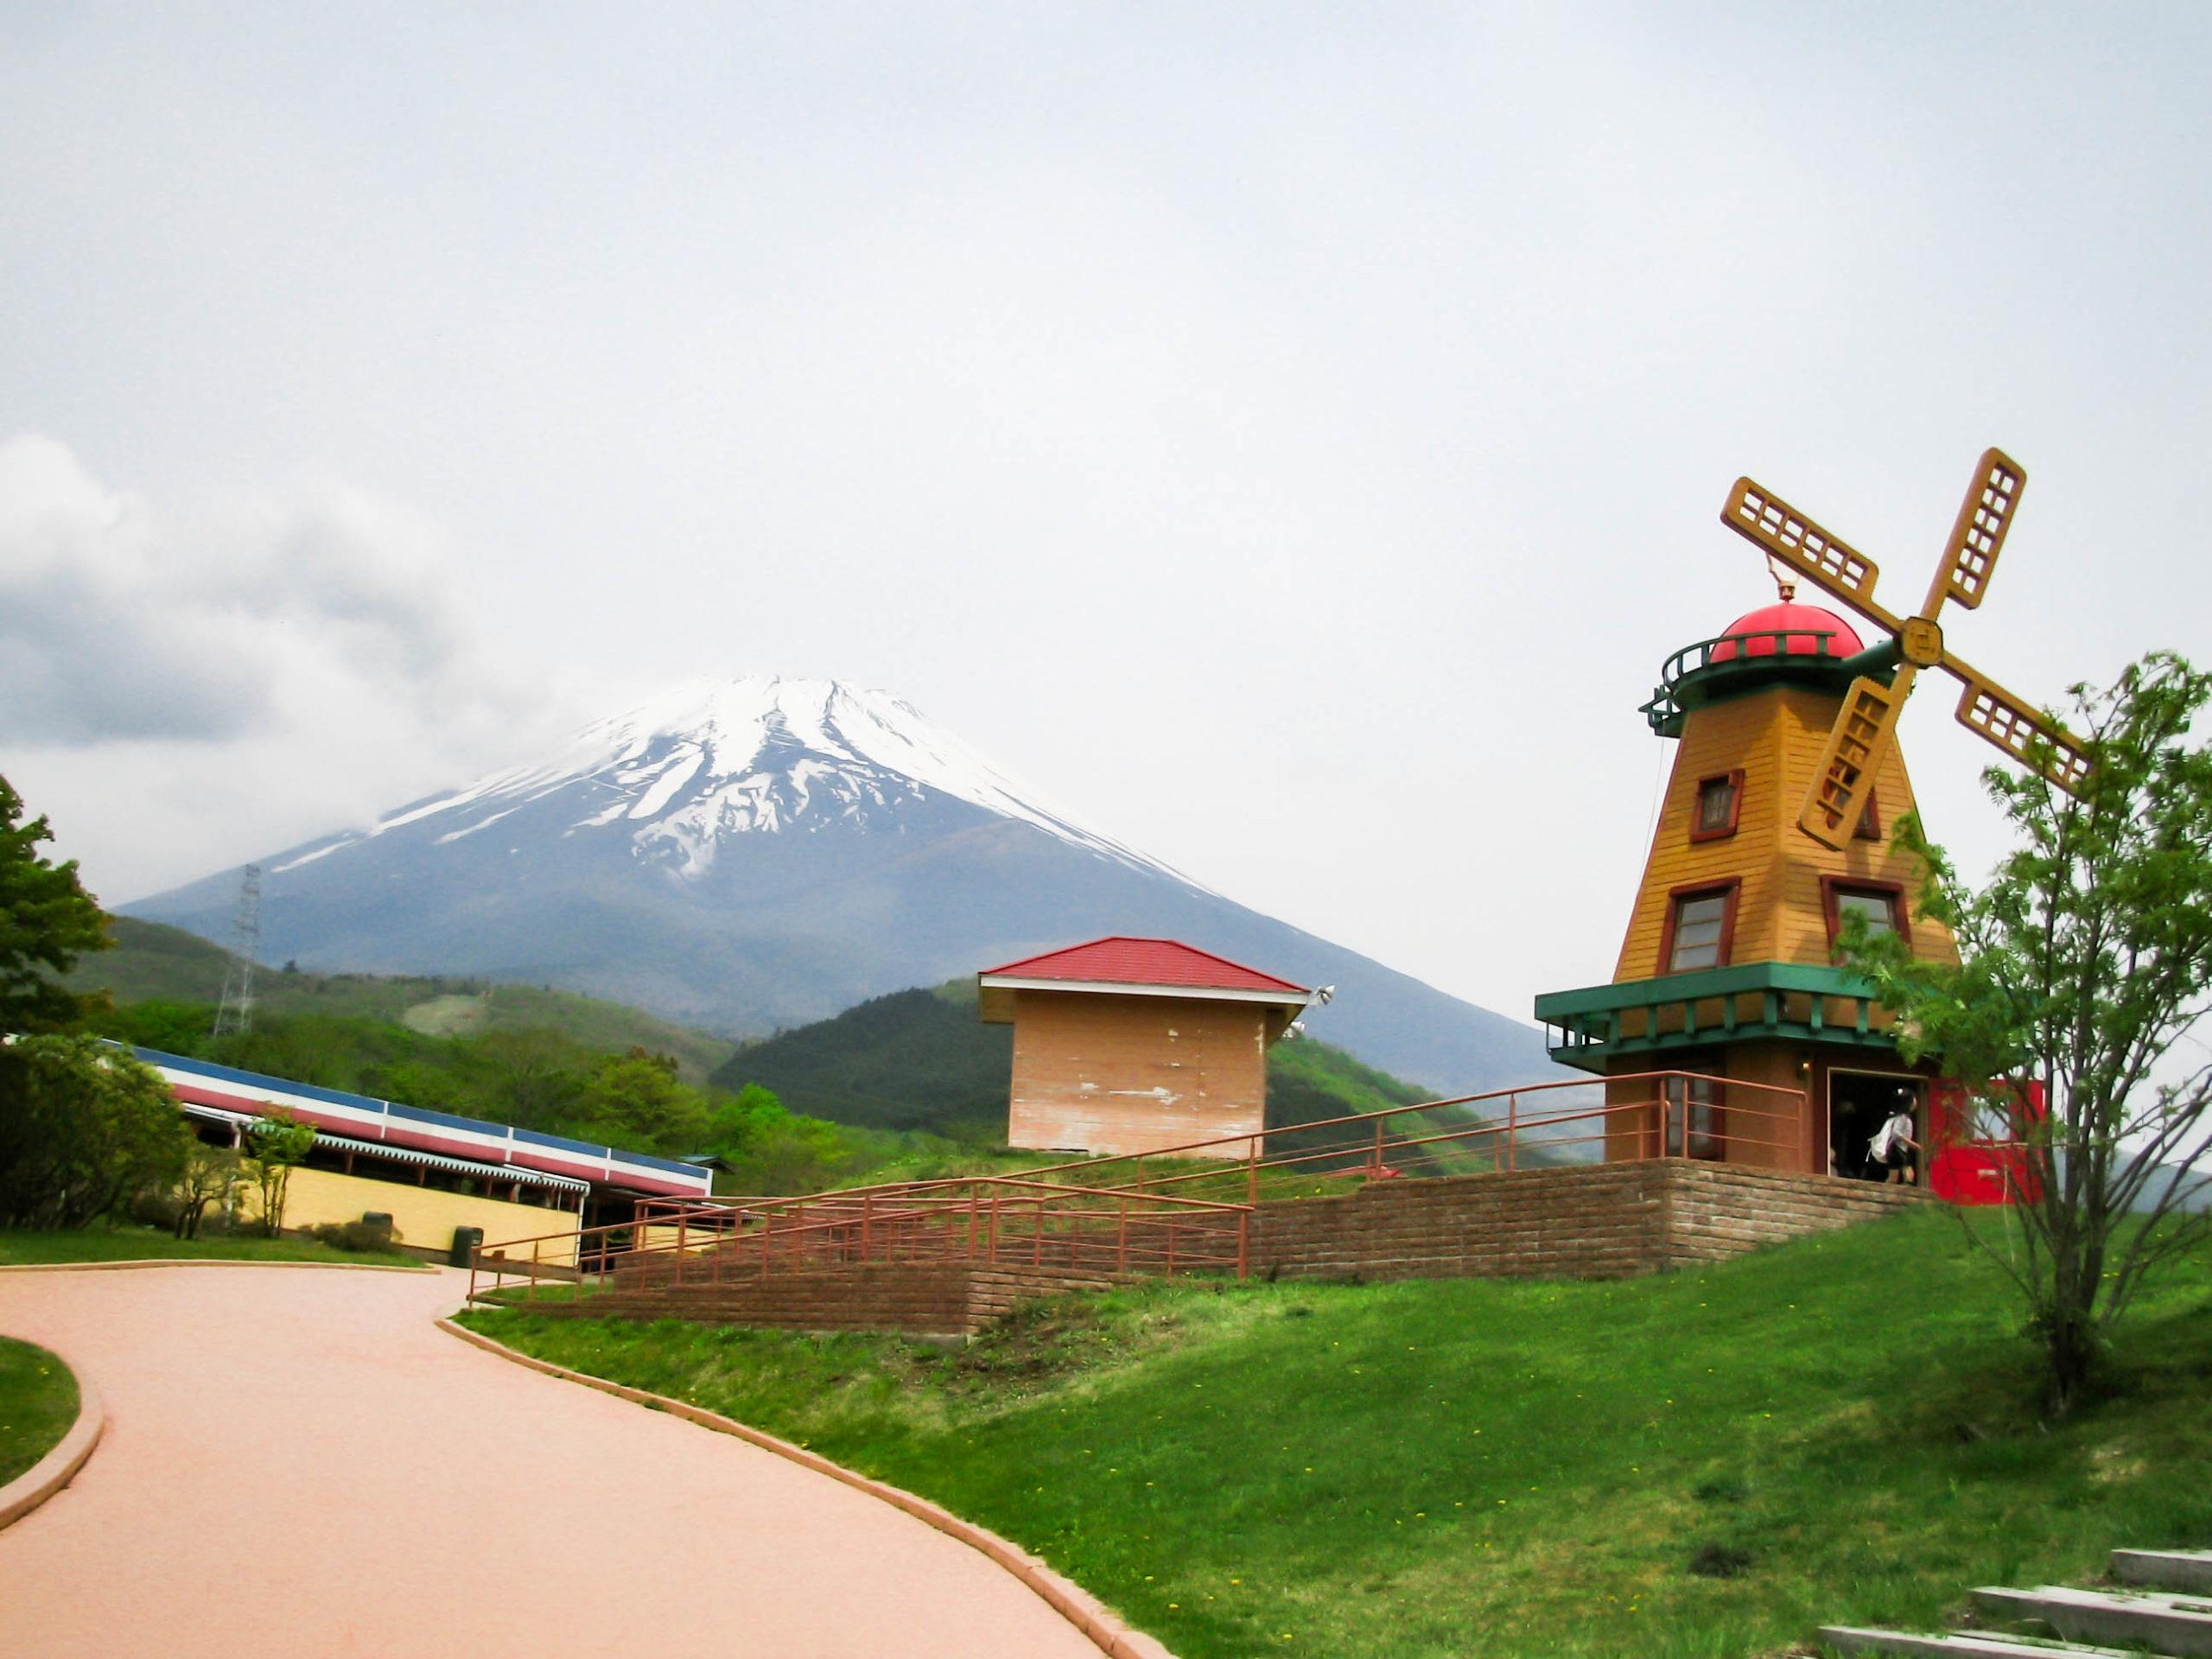 こどもの国の風車と富士山の写真